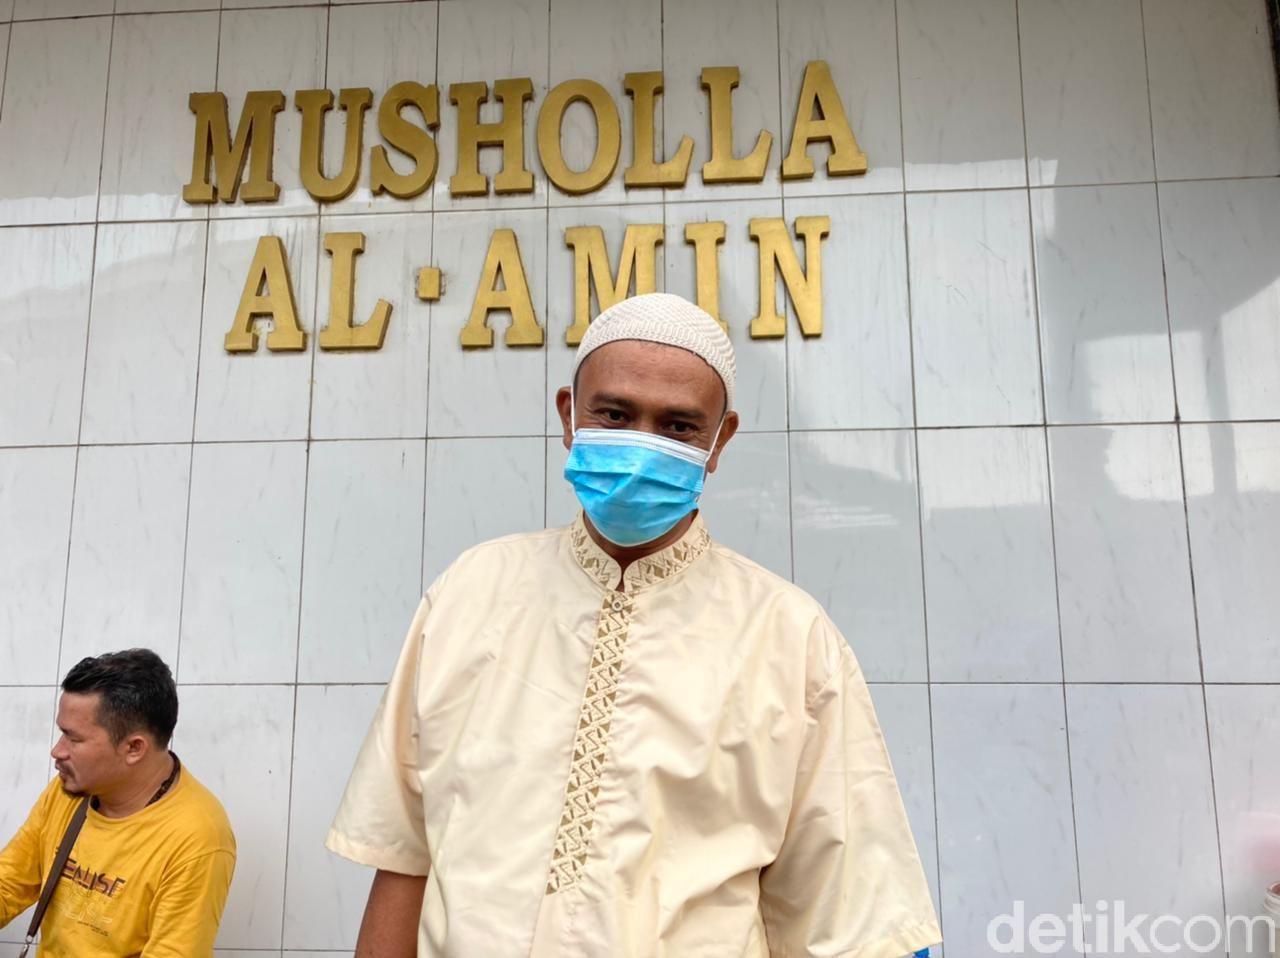 Musala Al Amin di Jatinegara, sempat terjadi pelecehan seksual di sini. (Annisa/detikcom)